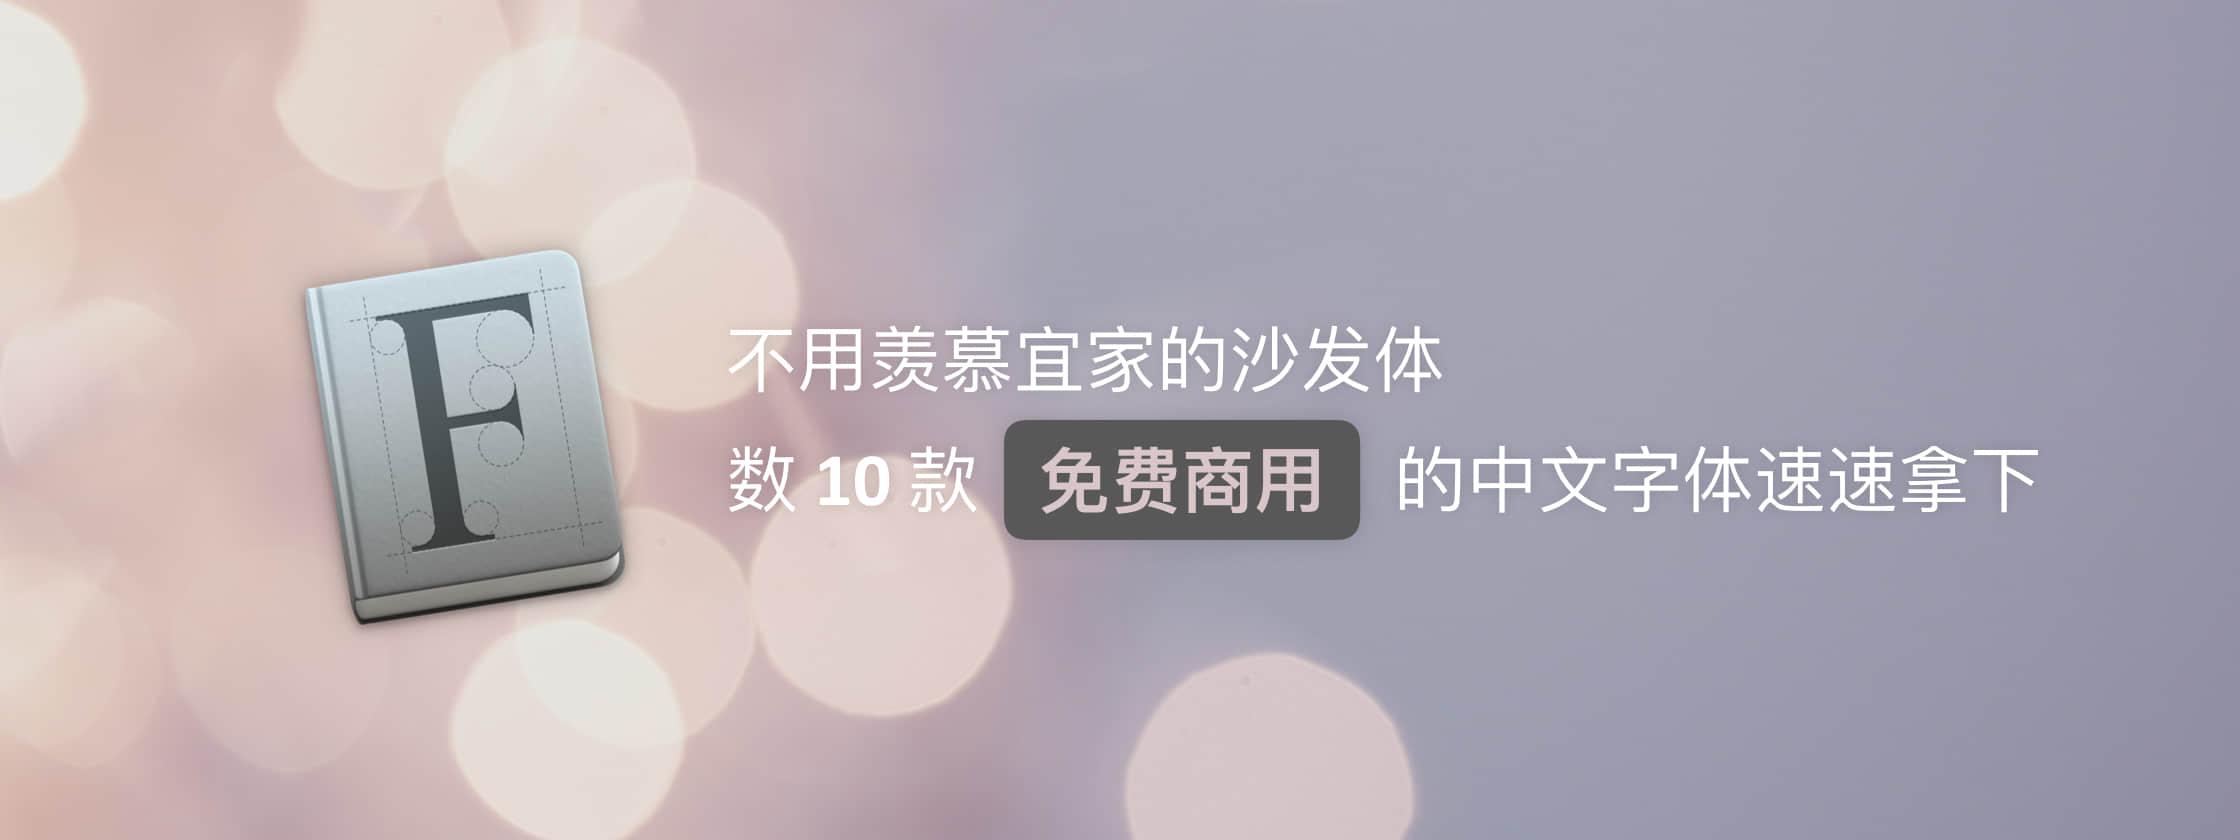 不用羡慕宜家的沙发体,数十款免费商用的中文字体速速拿下